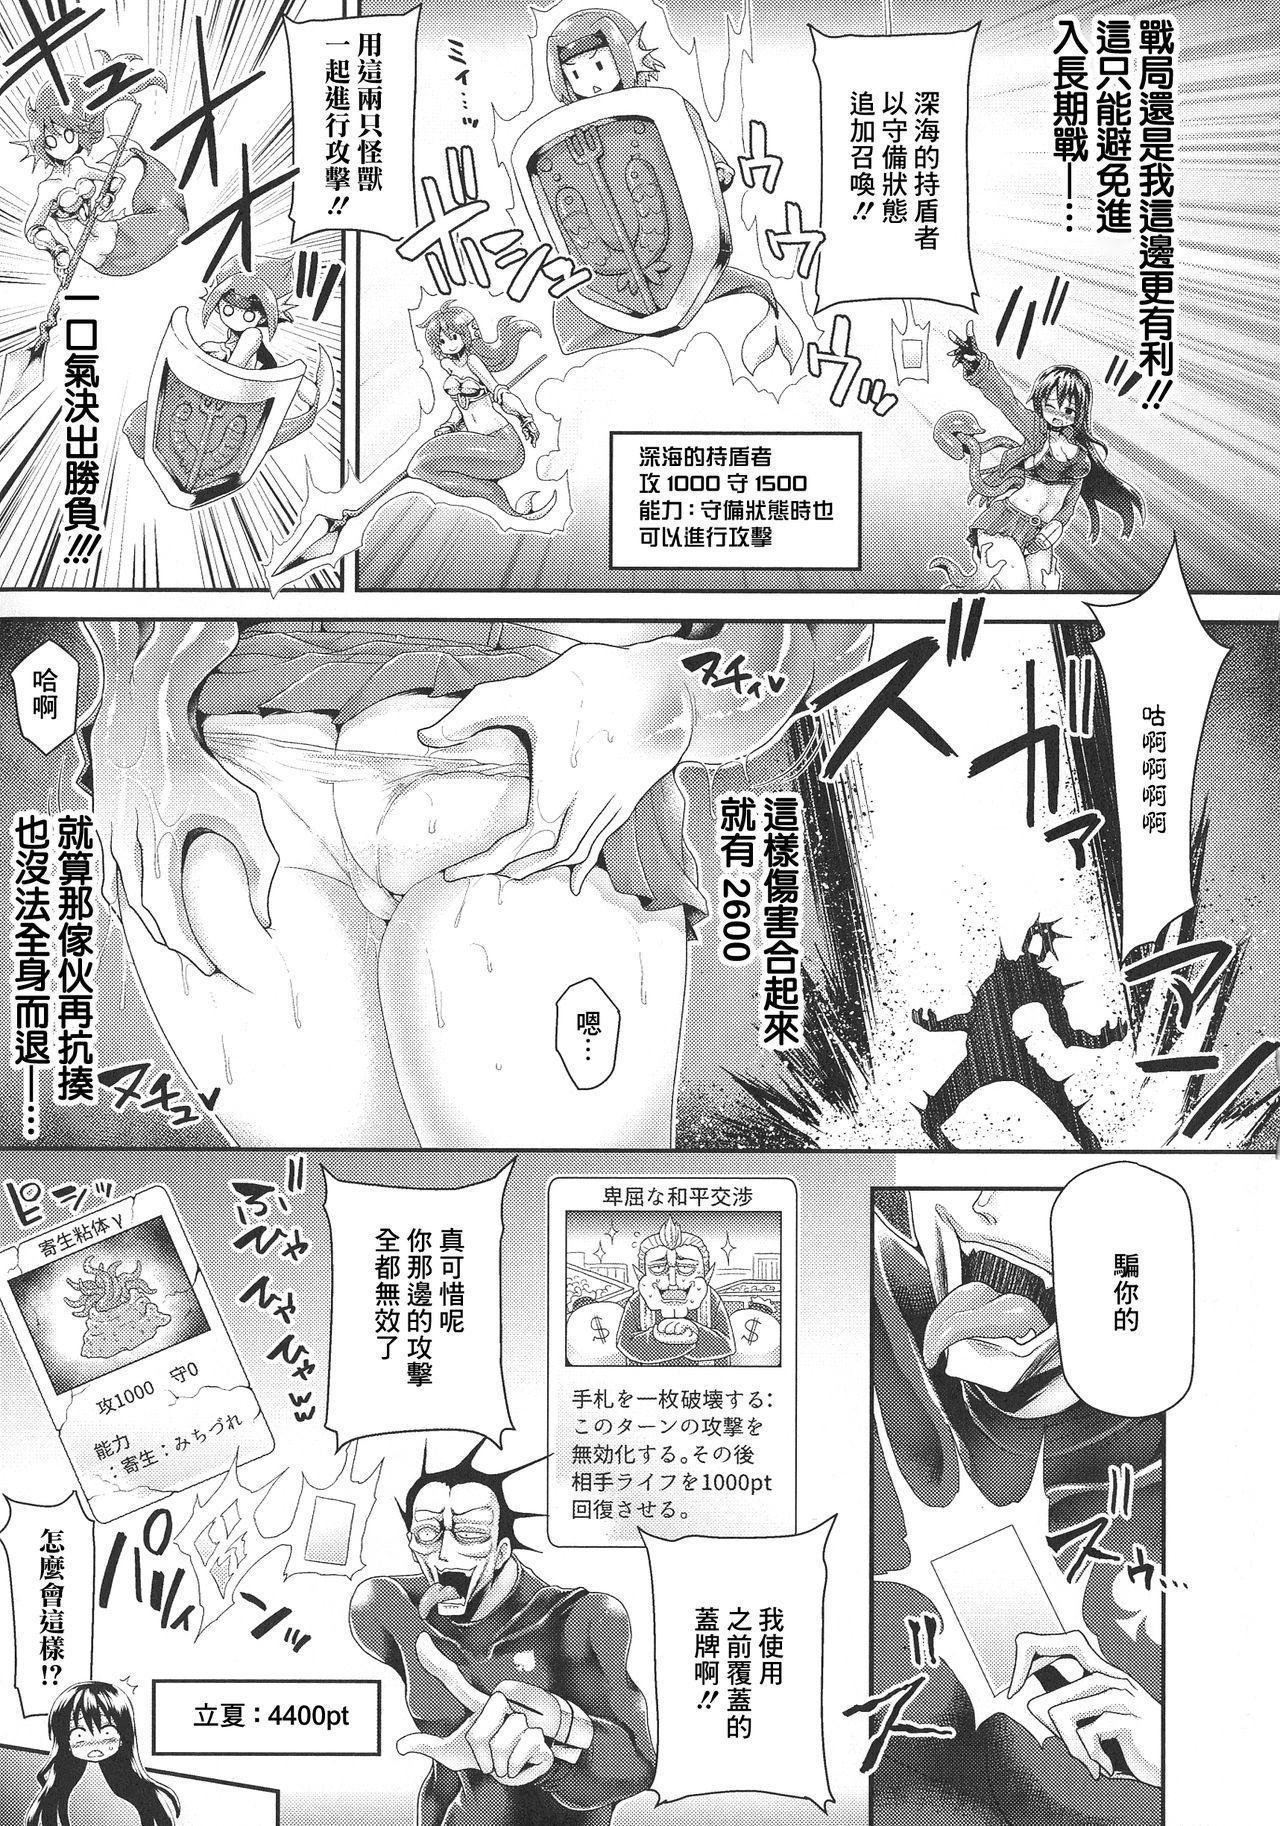 Futanari Gal Brave - Tsuiteru Gal Yuusha Isekai no ji ni Botsu 101